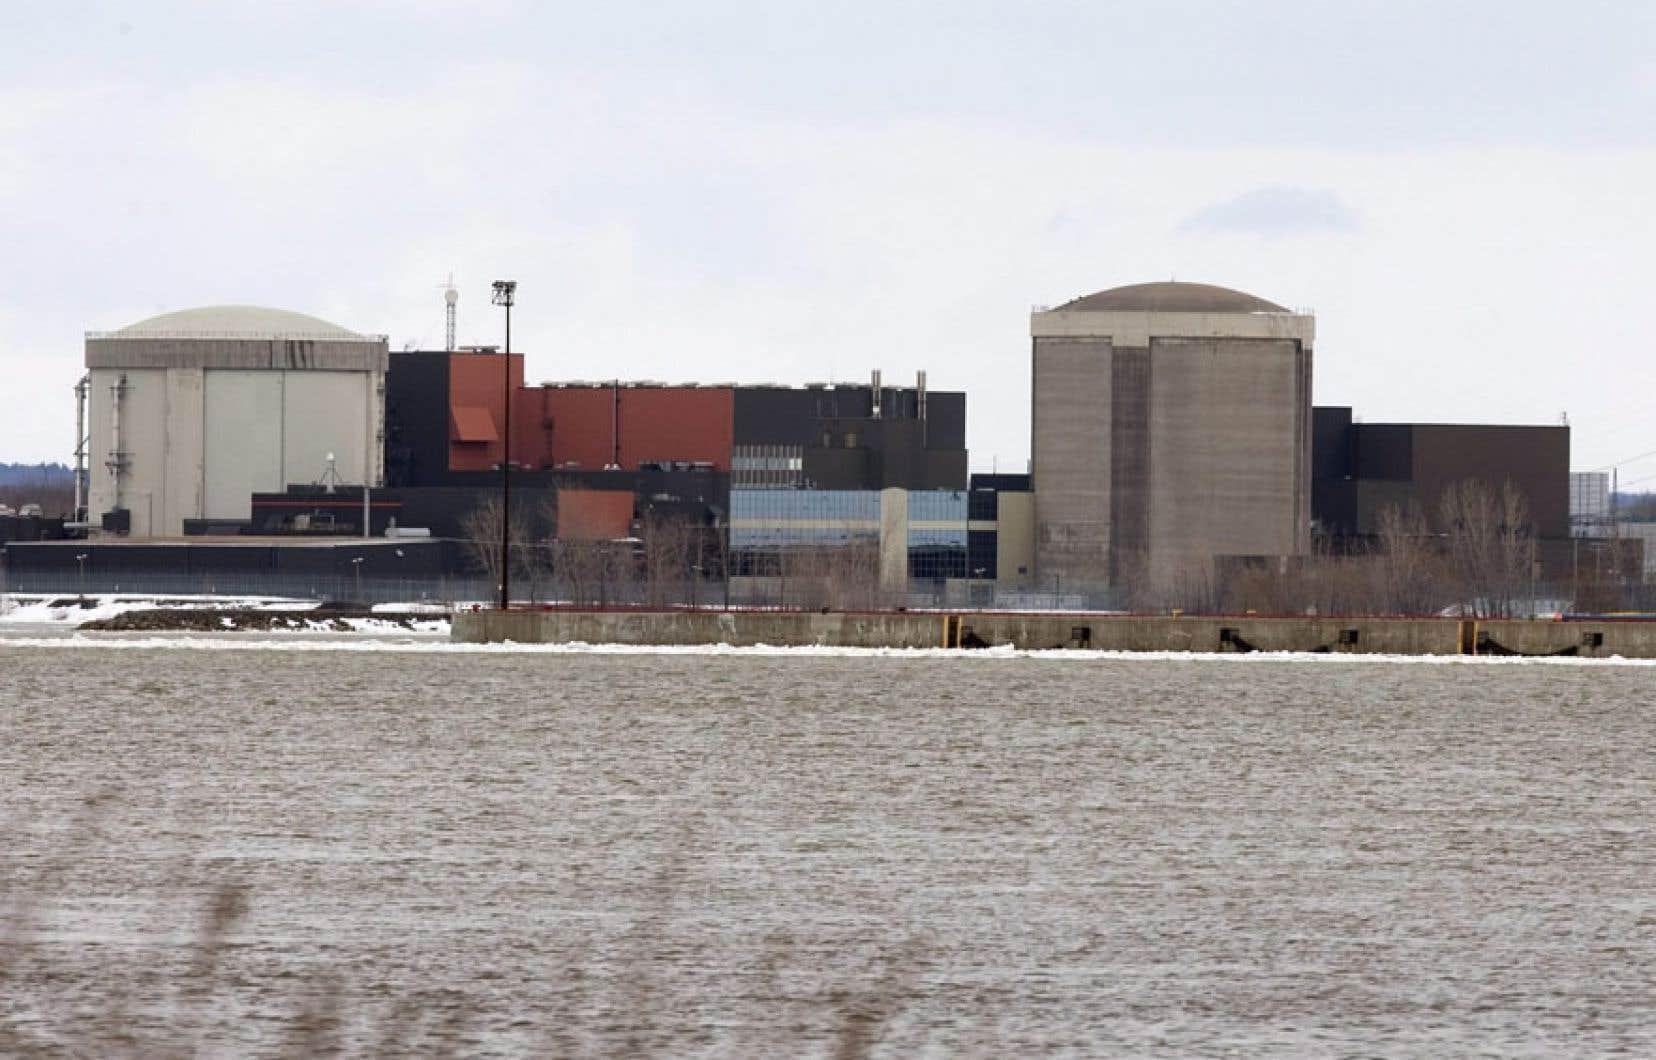 Le réacteur expérimental de Gentilly-1 (à droite) a été construit au début des années 1970 et n'aura été opérationnel que 183 jours. La centrale a été mise en dormance au début des années 1980.